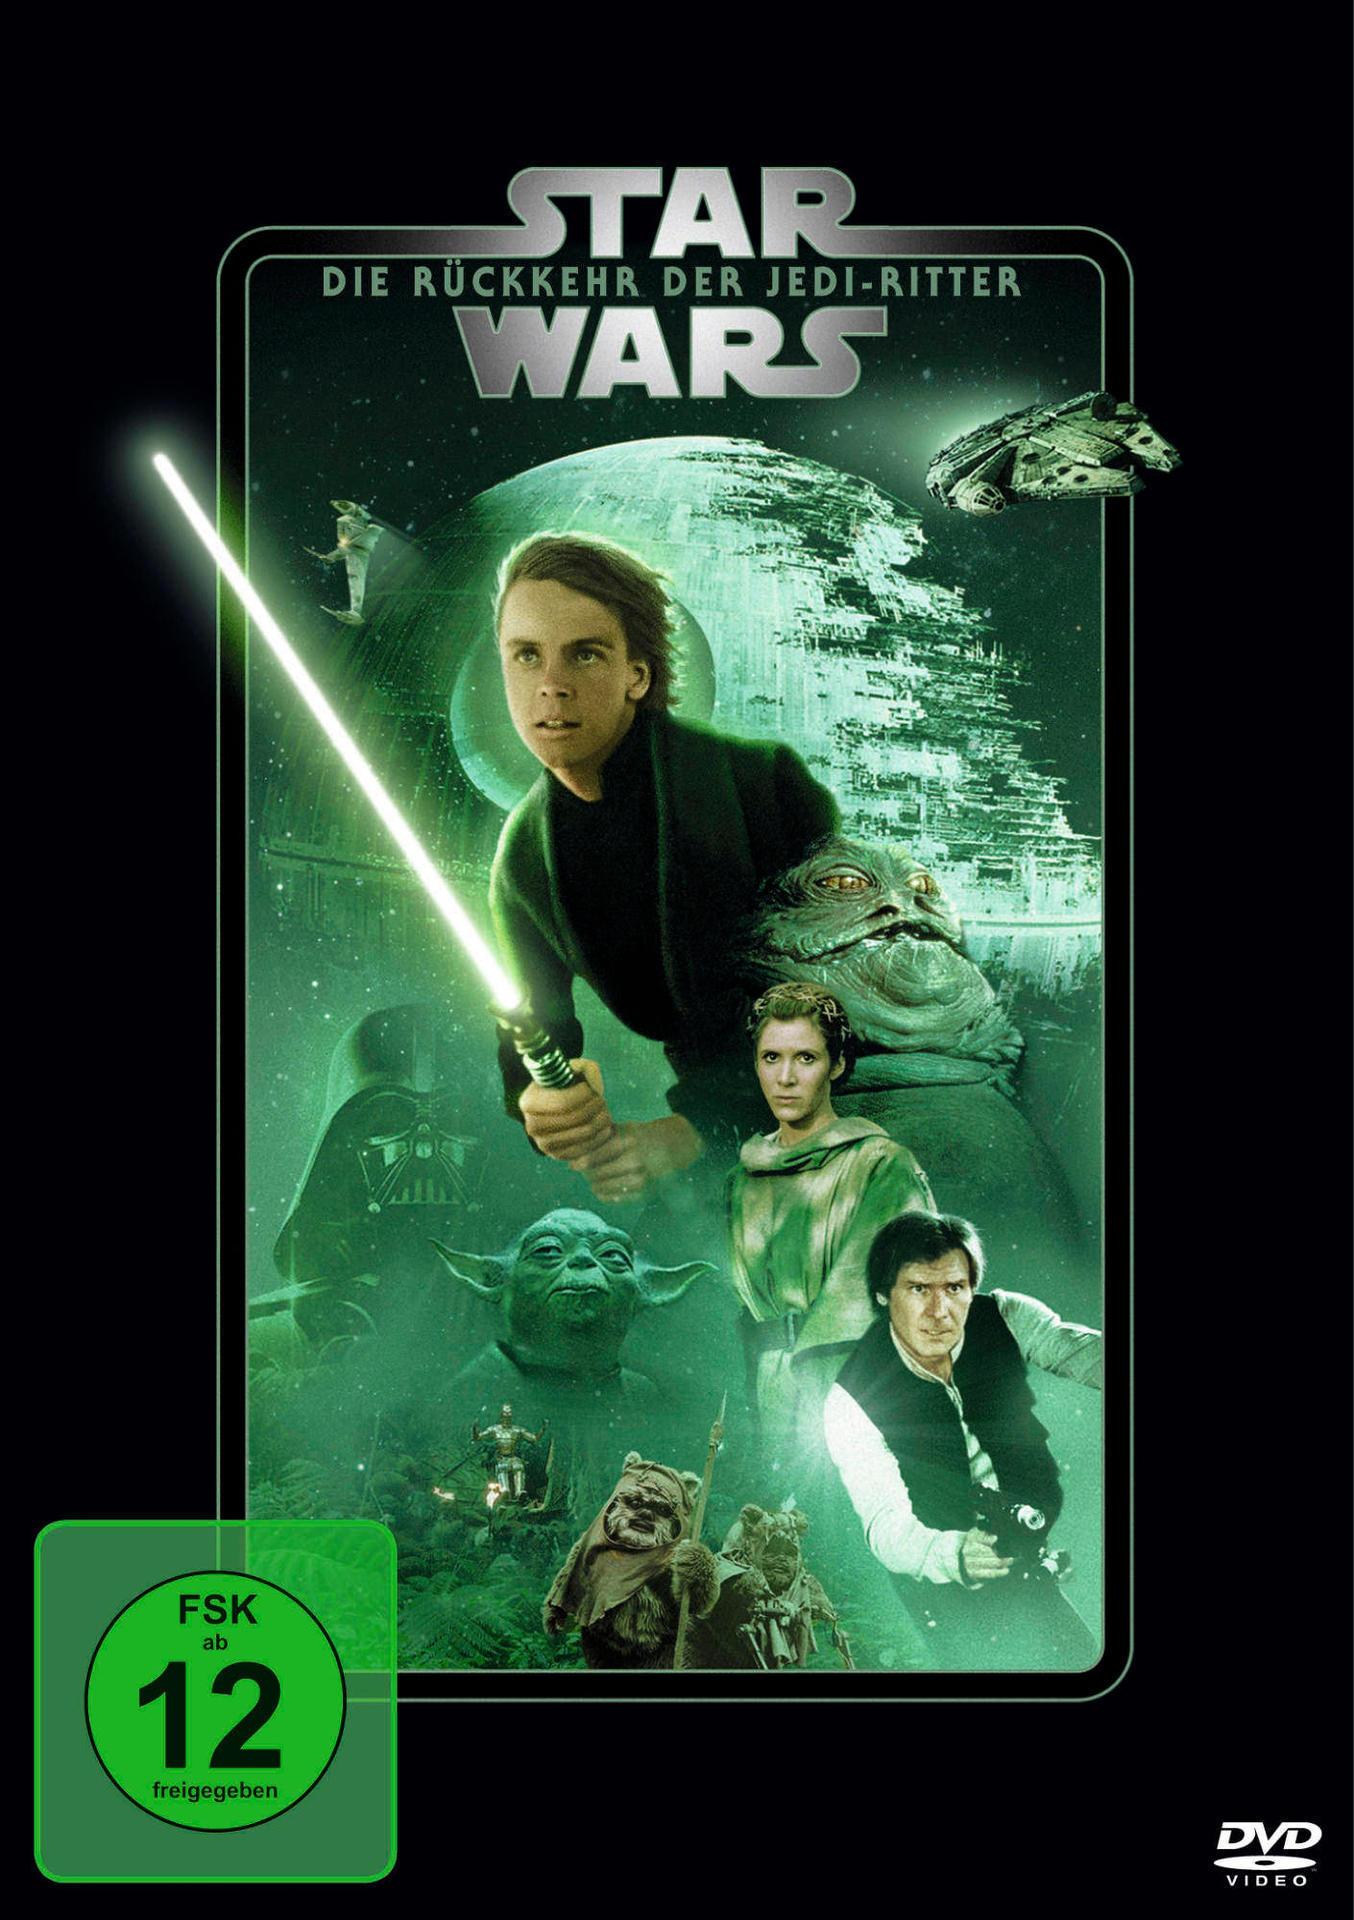 Star Wars: Episode VI - Die Rückkehr der Jedi-Ritter (DVD) für 7,99 Euro